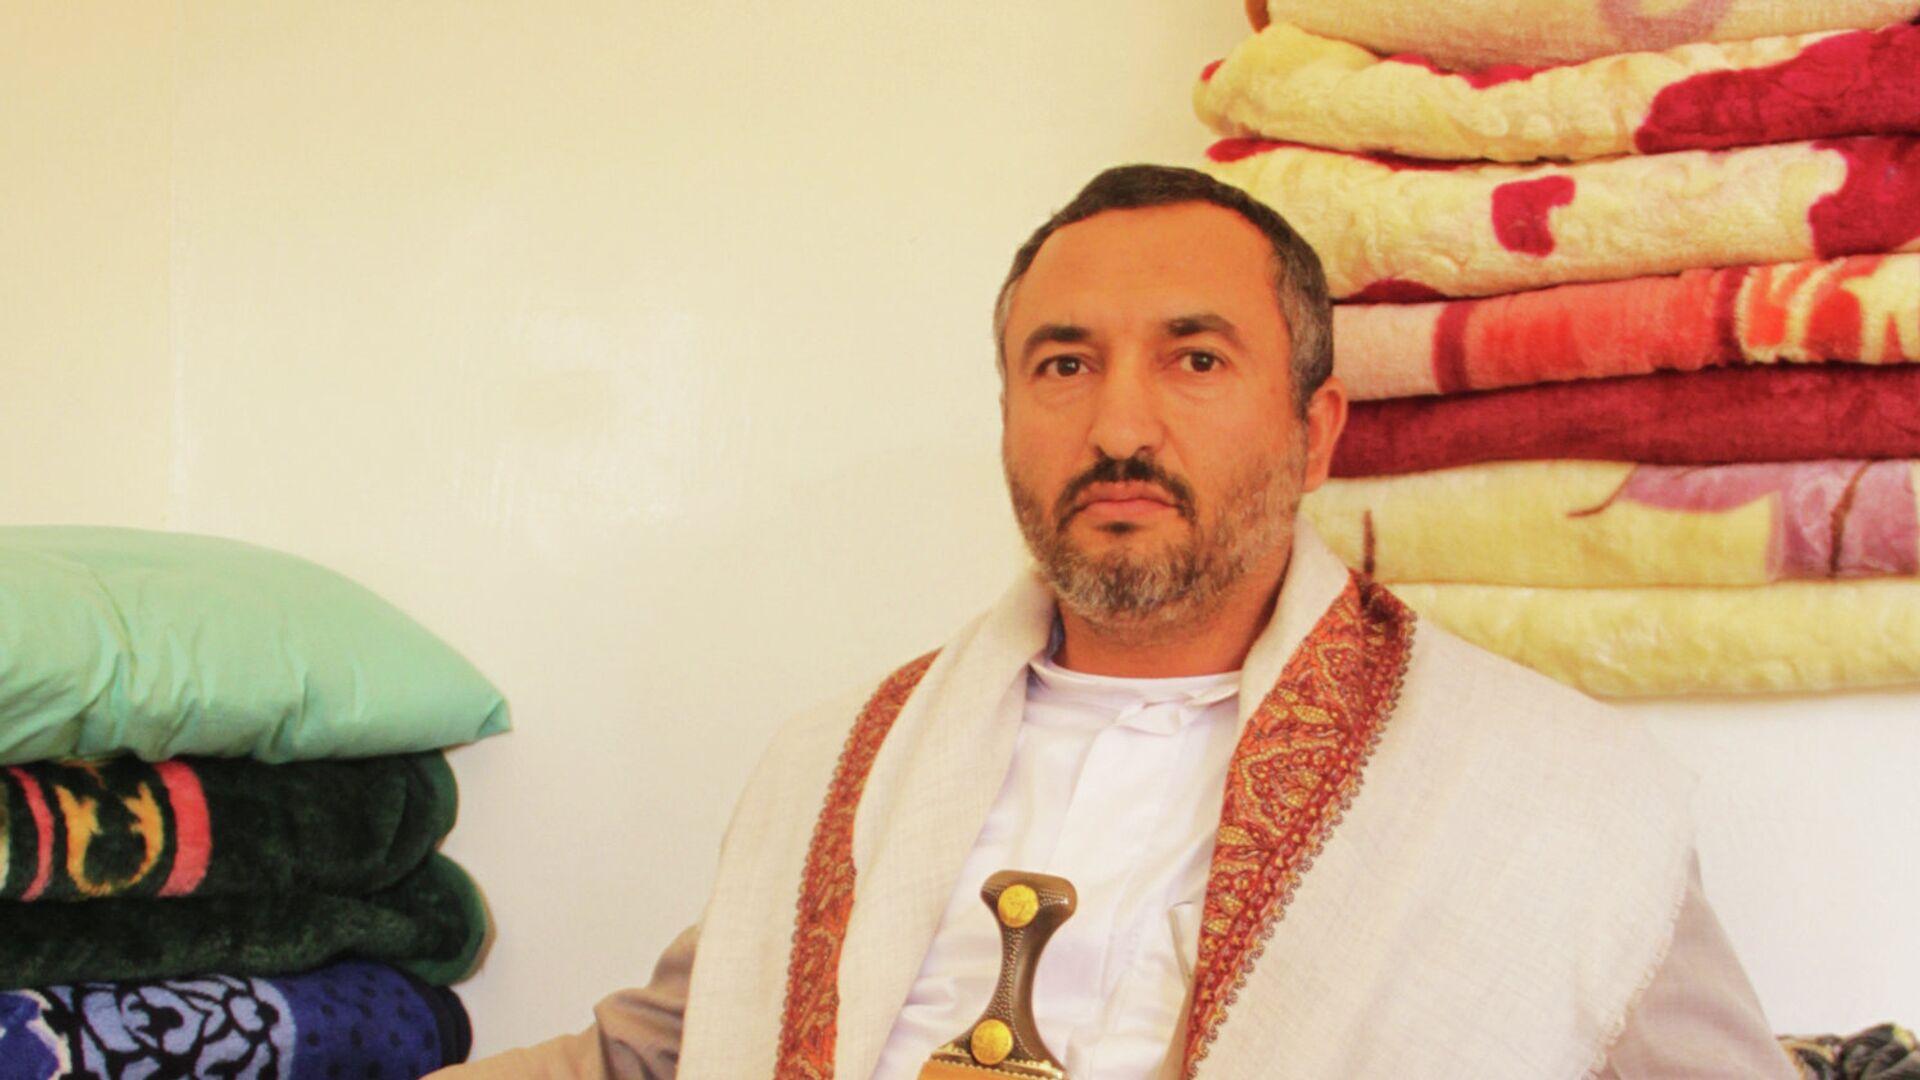 Руководитель исполкома движения Ансар Алла Абдель Карим аль-Хуси - РИА Новости, 1920, 16.02.2021